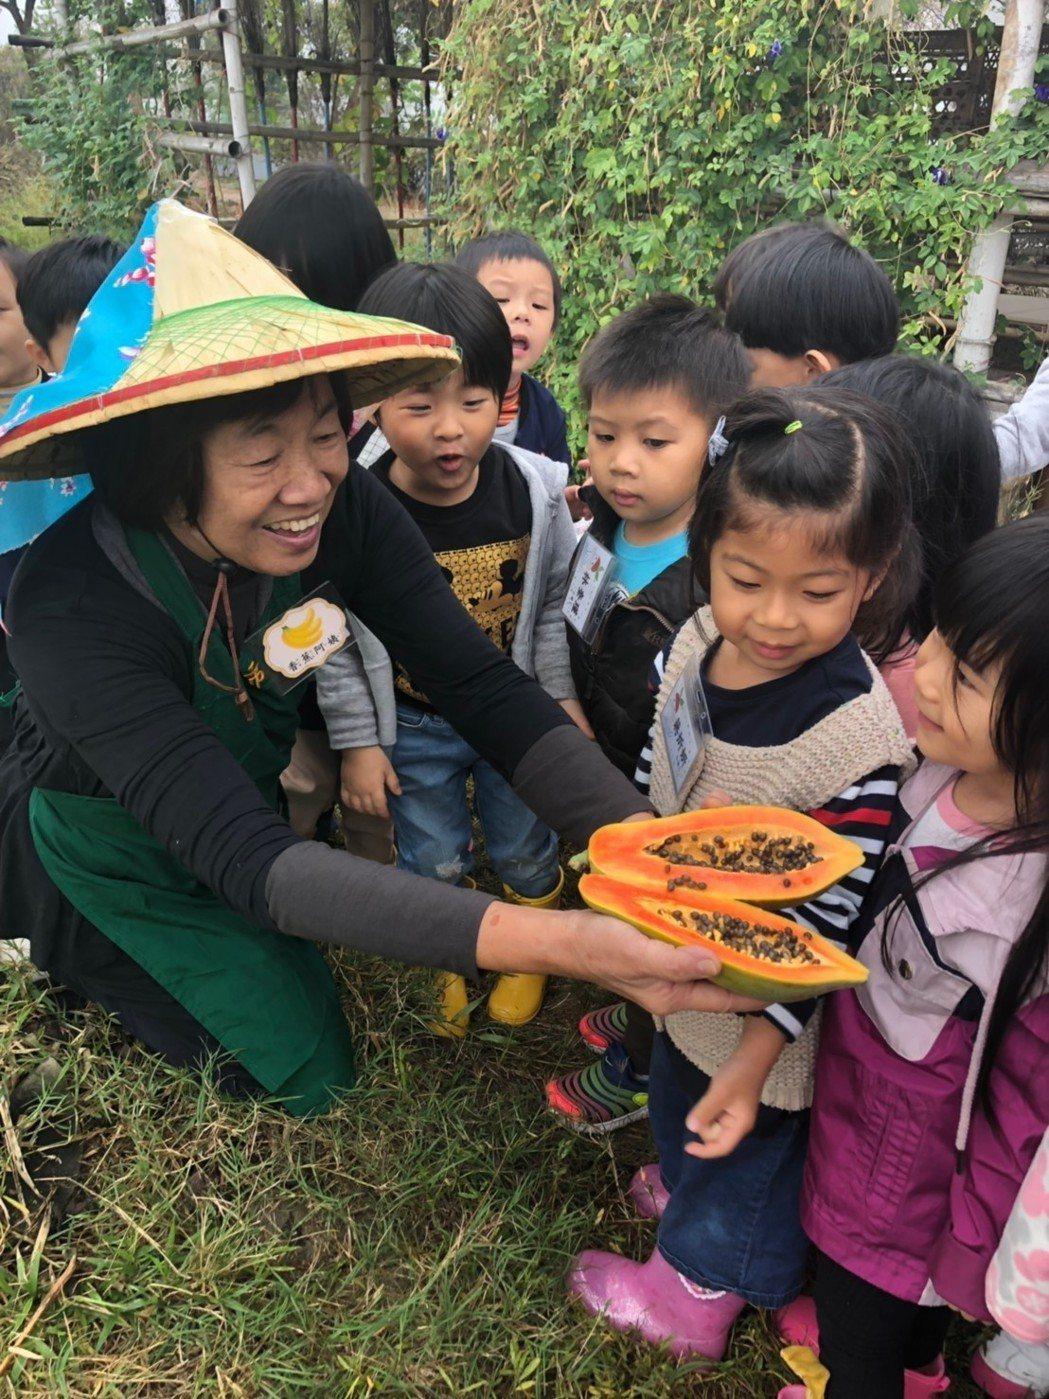 活動讓參與者體會「文化即生活、生活離不開環境、離不開食物」的概念。 基金會/提供